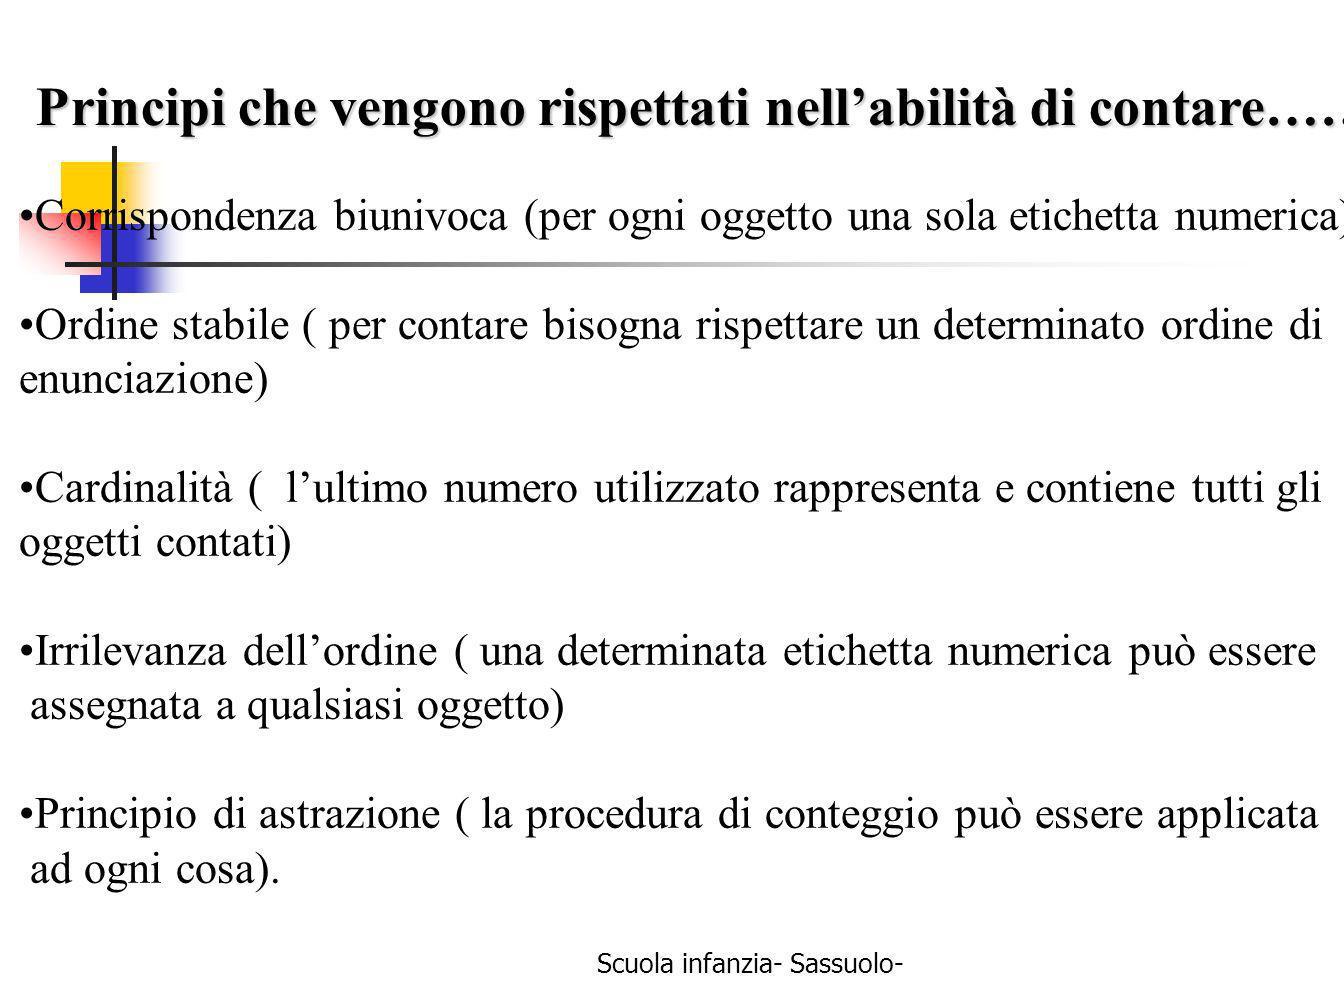 Scuola infanzia- Sassuolo- Corrispondenza biunivoca (per ogni oggetto una sola etichetta numerica) Ordine stabile ( per contare bisogna rispettare un